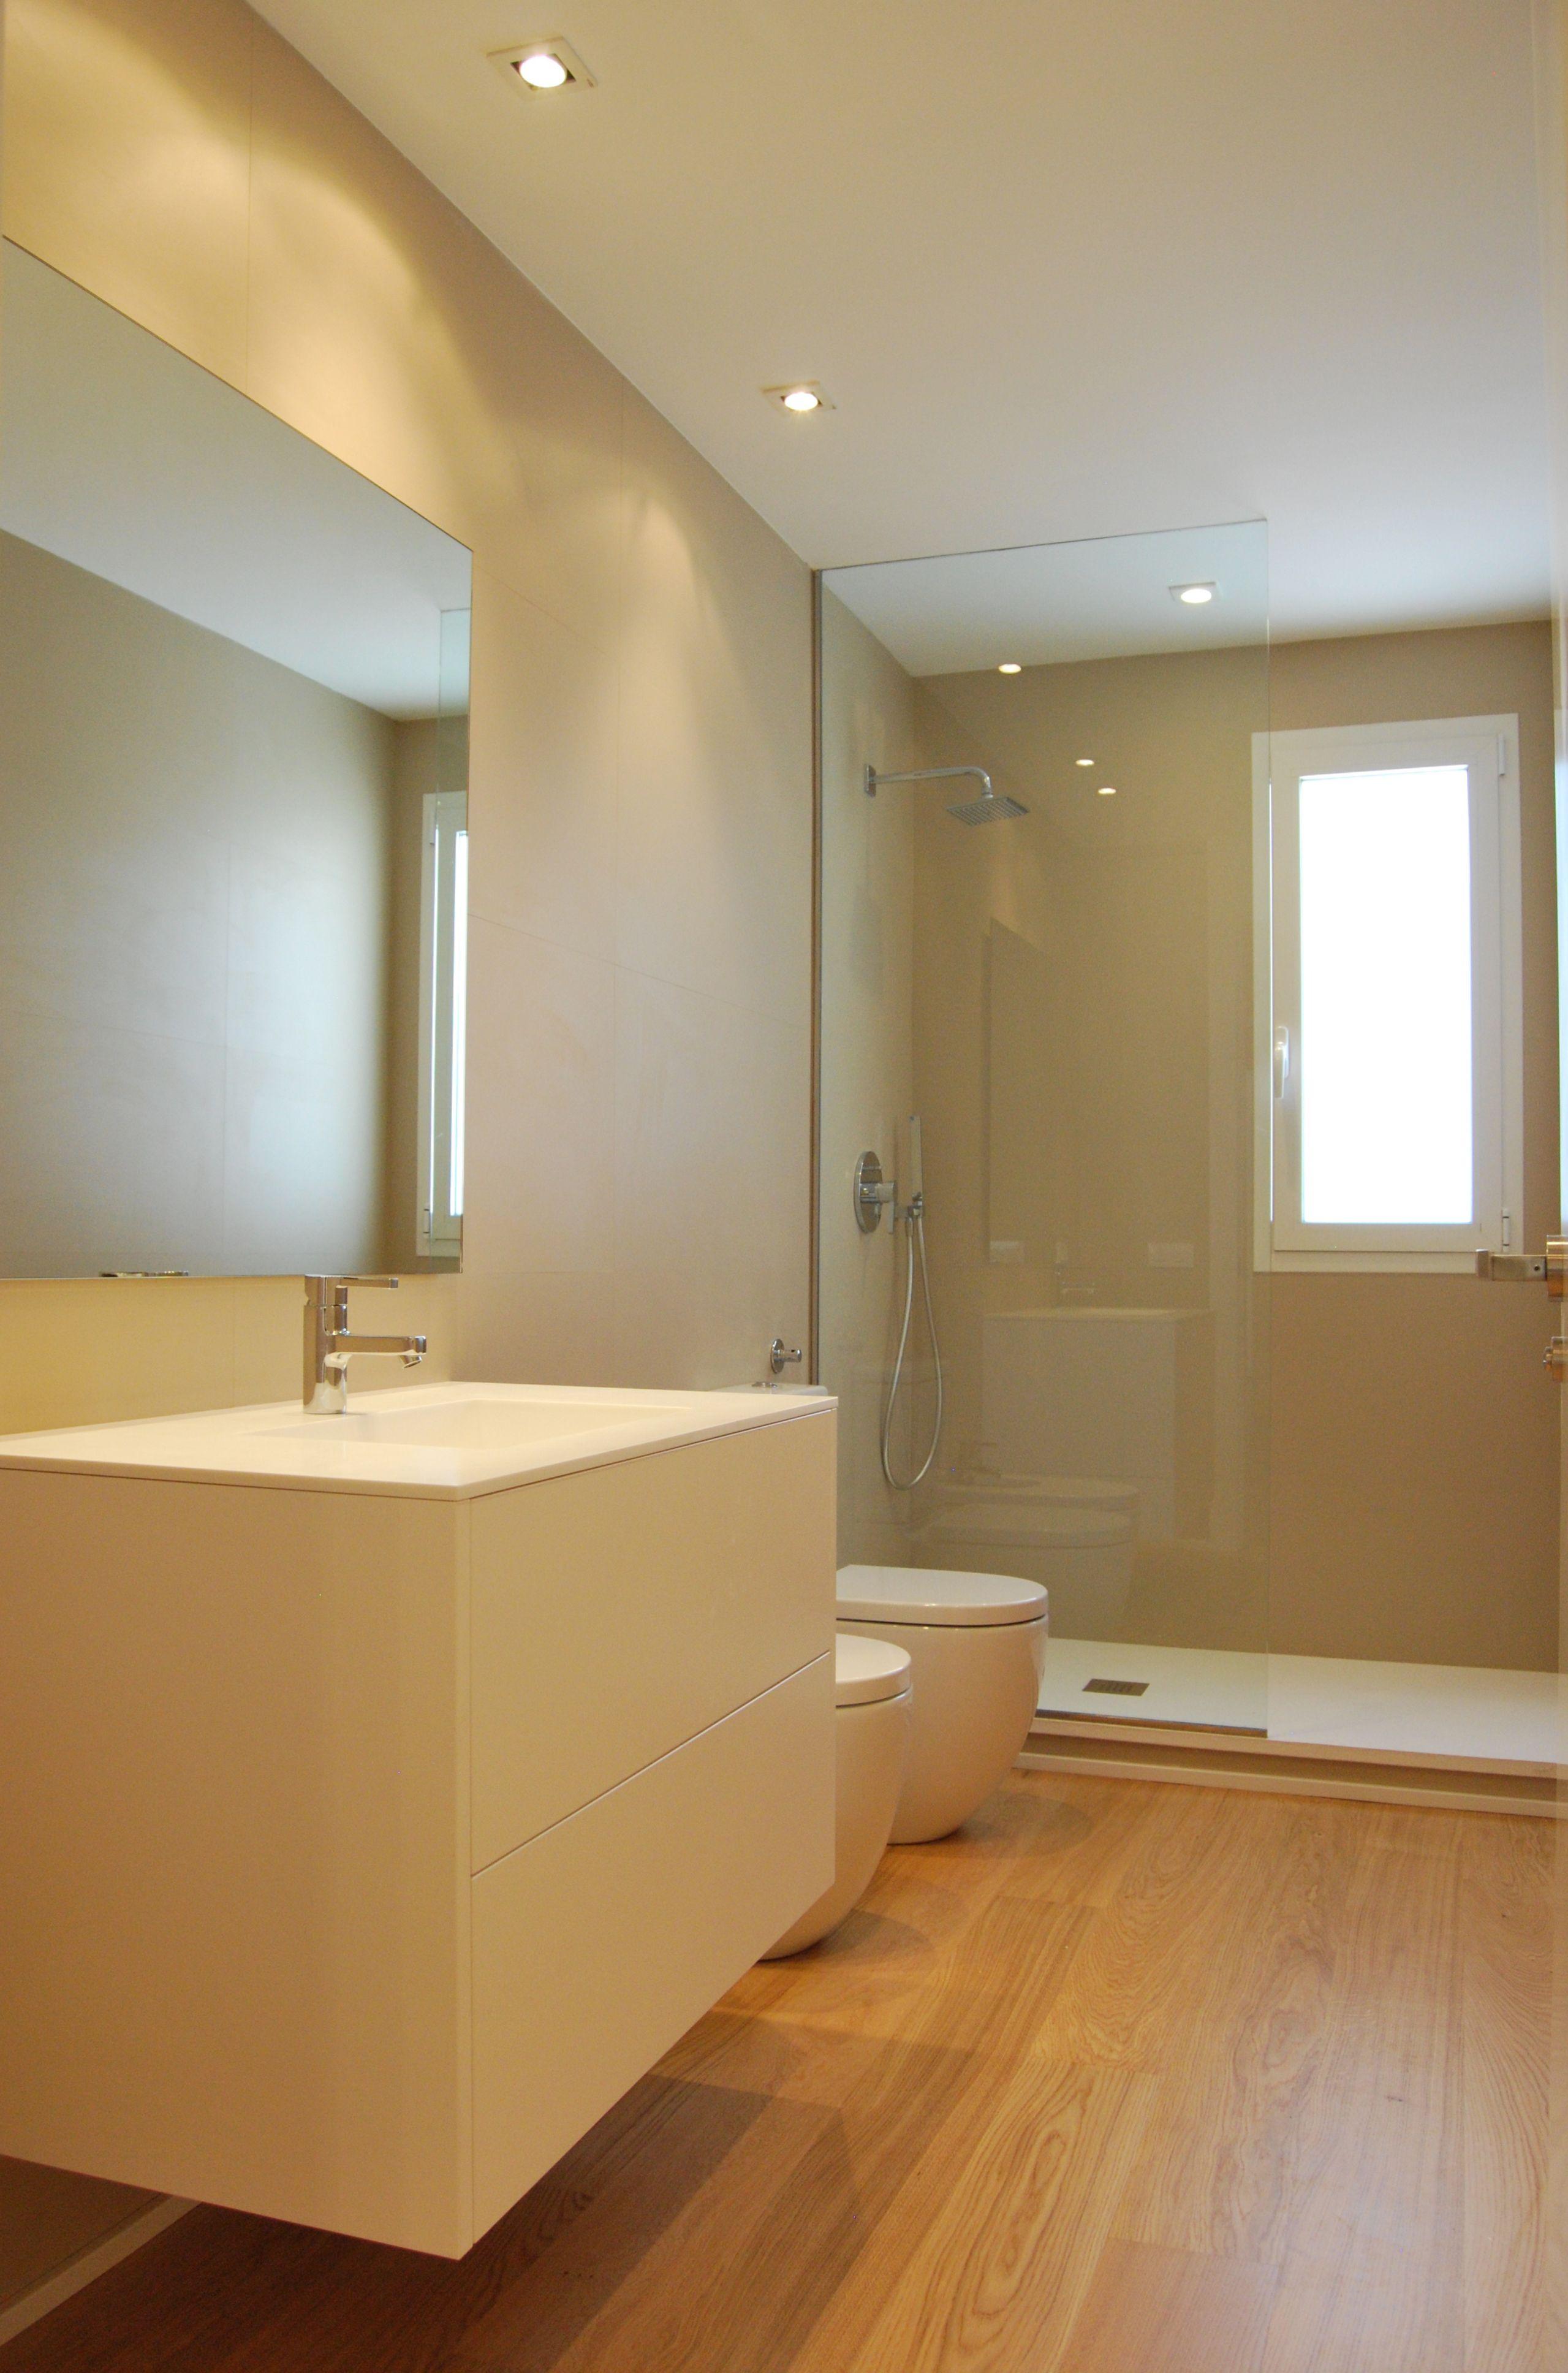 Ba o con revestimiento porcel nico techlam de levantina y suelo de parquet apartamento en - Revestimiento para bano ...